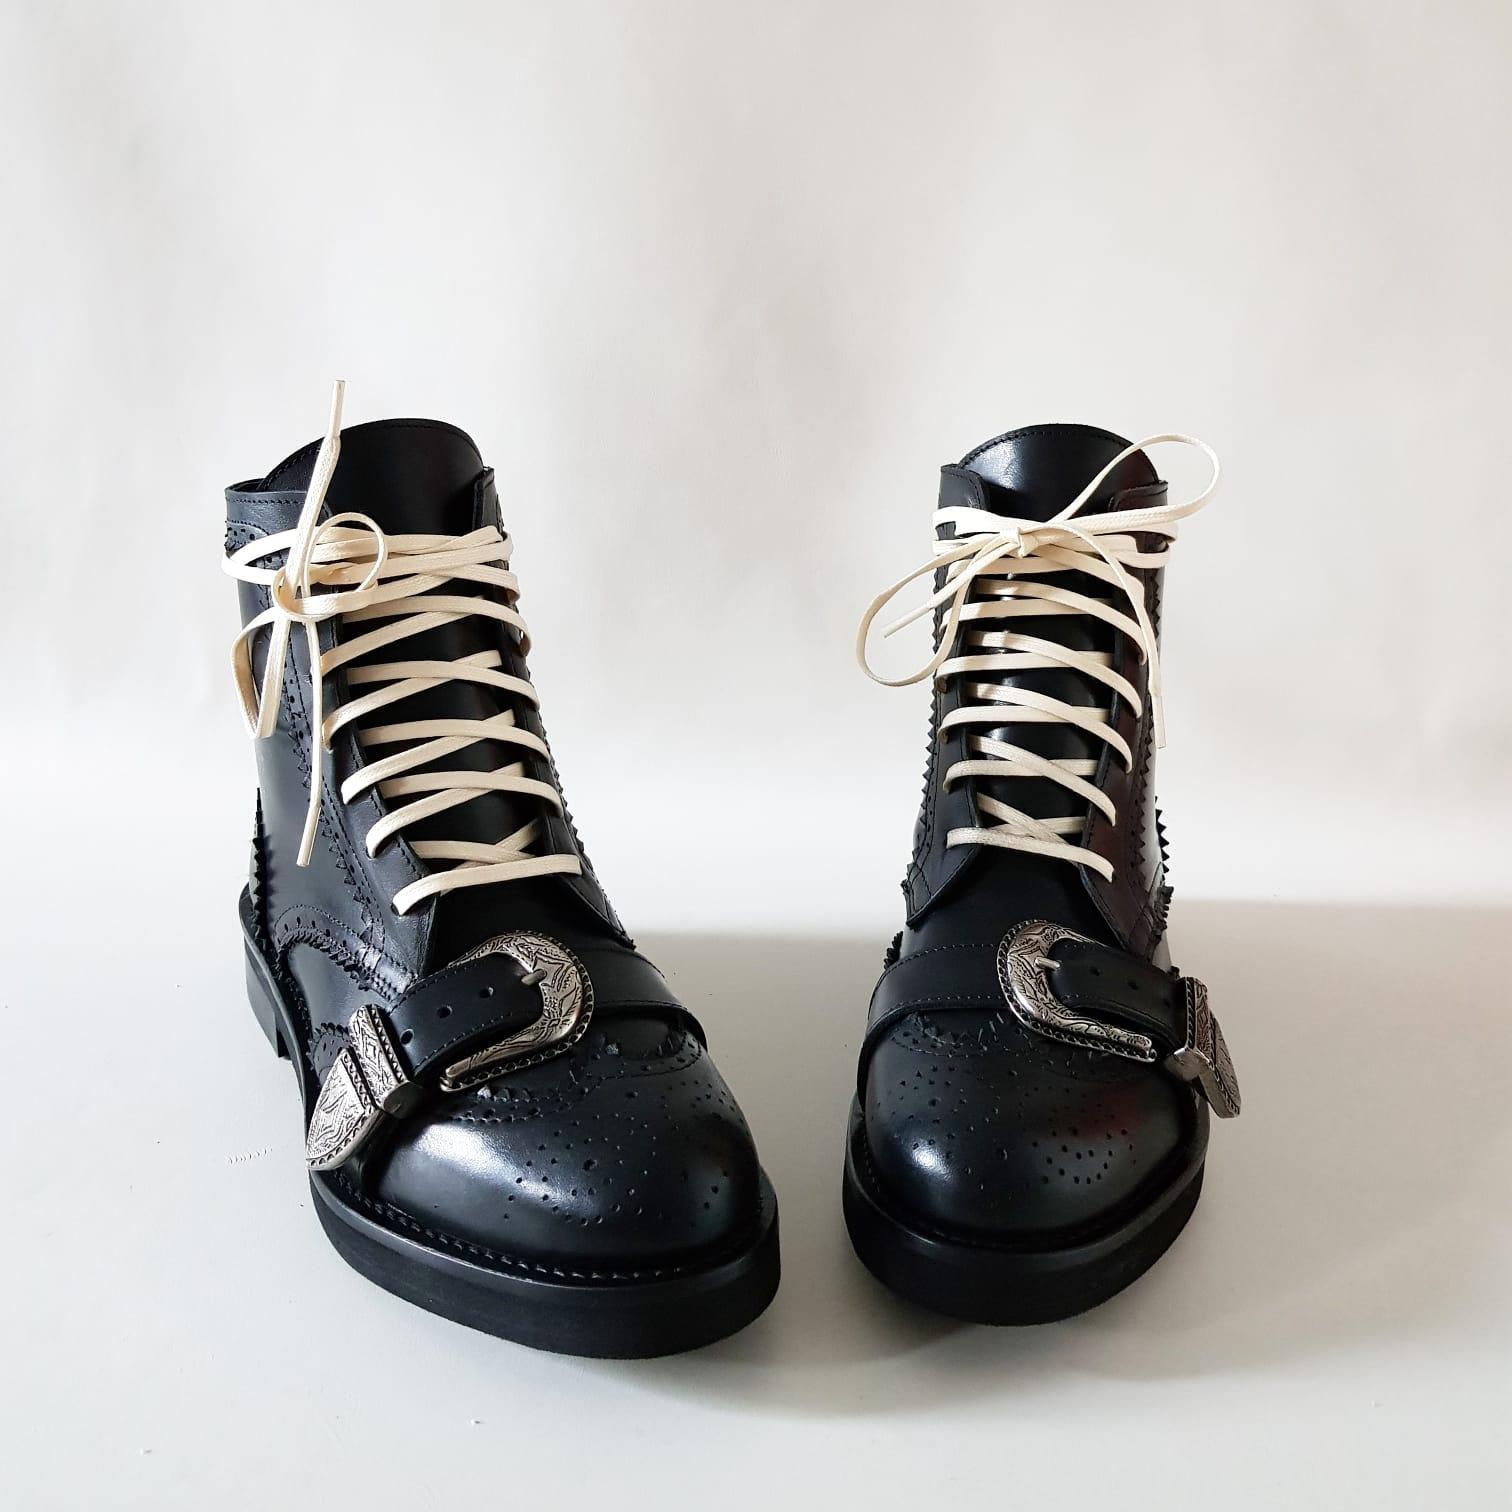 Stivaletti pelle nero lacci bianchi e fibbia giv99 - Lia diva scarpe ...